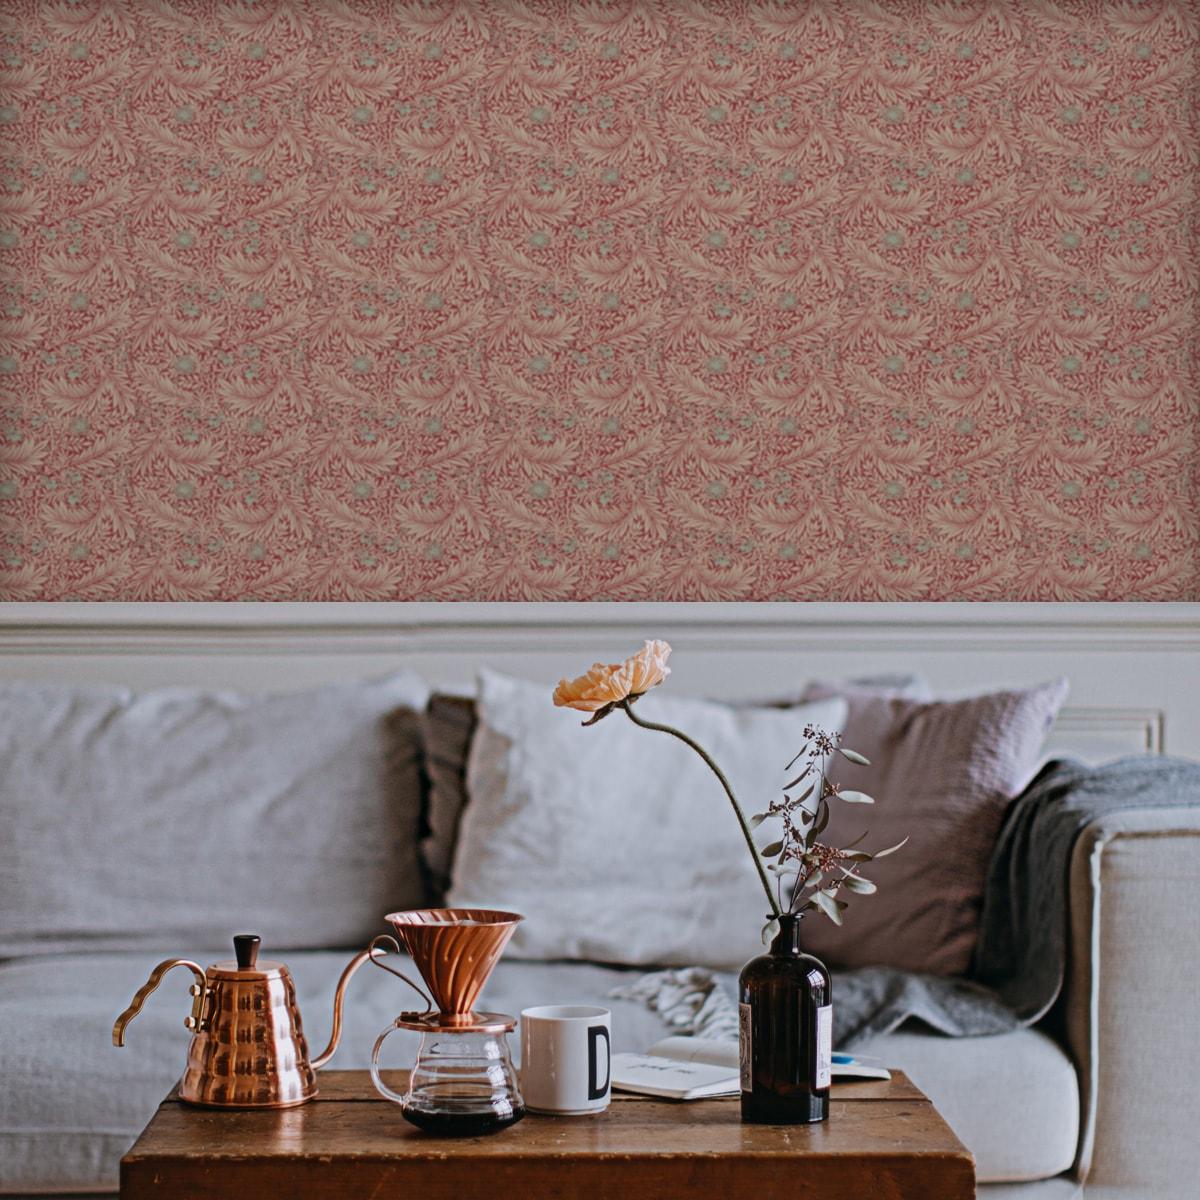 Full Size of Küchentapete Jugendstil Tapete Dlice Florale Nach William Morris Wohnzimmer Küchentapete